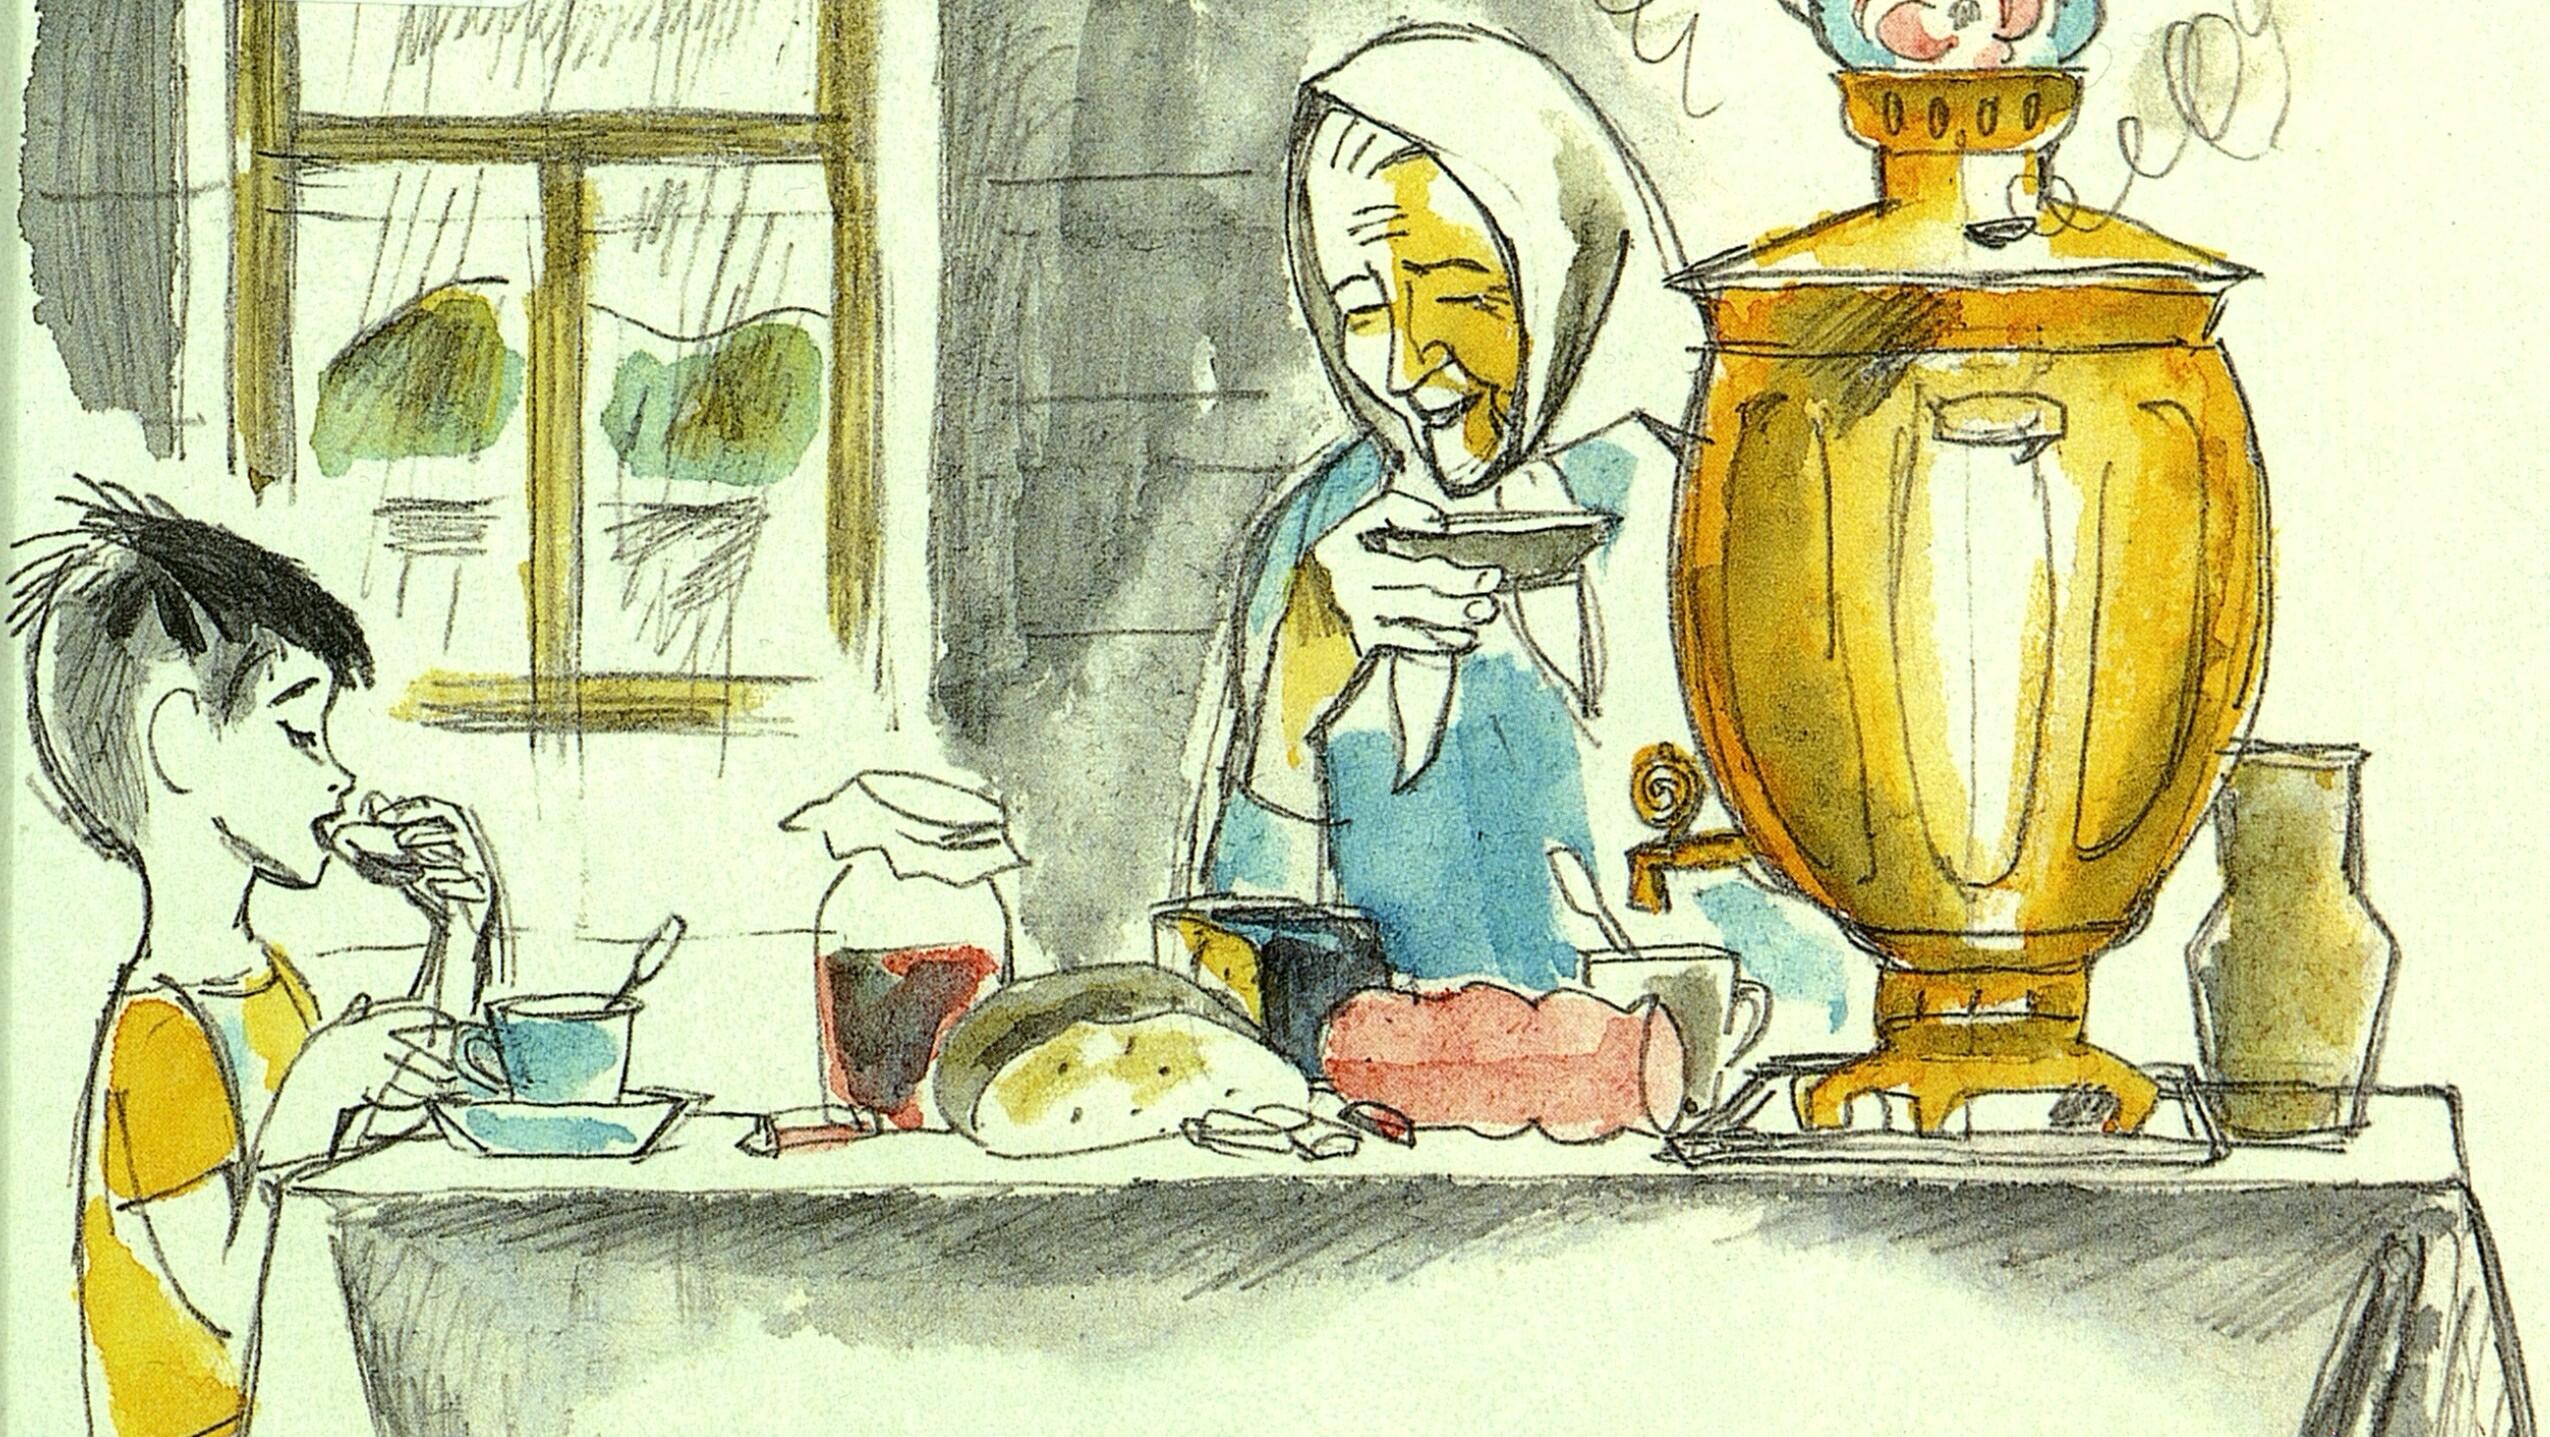 Алмазов, Артюхова, Яковлев, Осеева «Бабуля, дедушка и я»